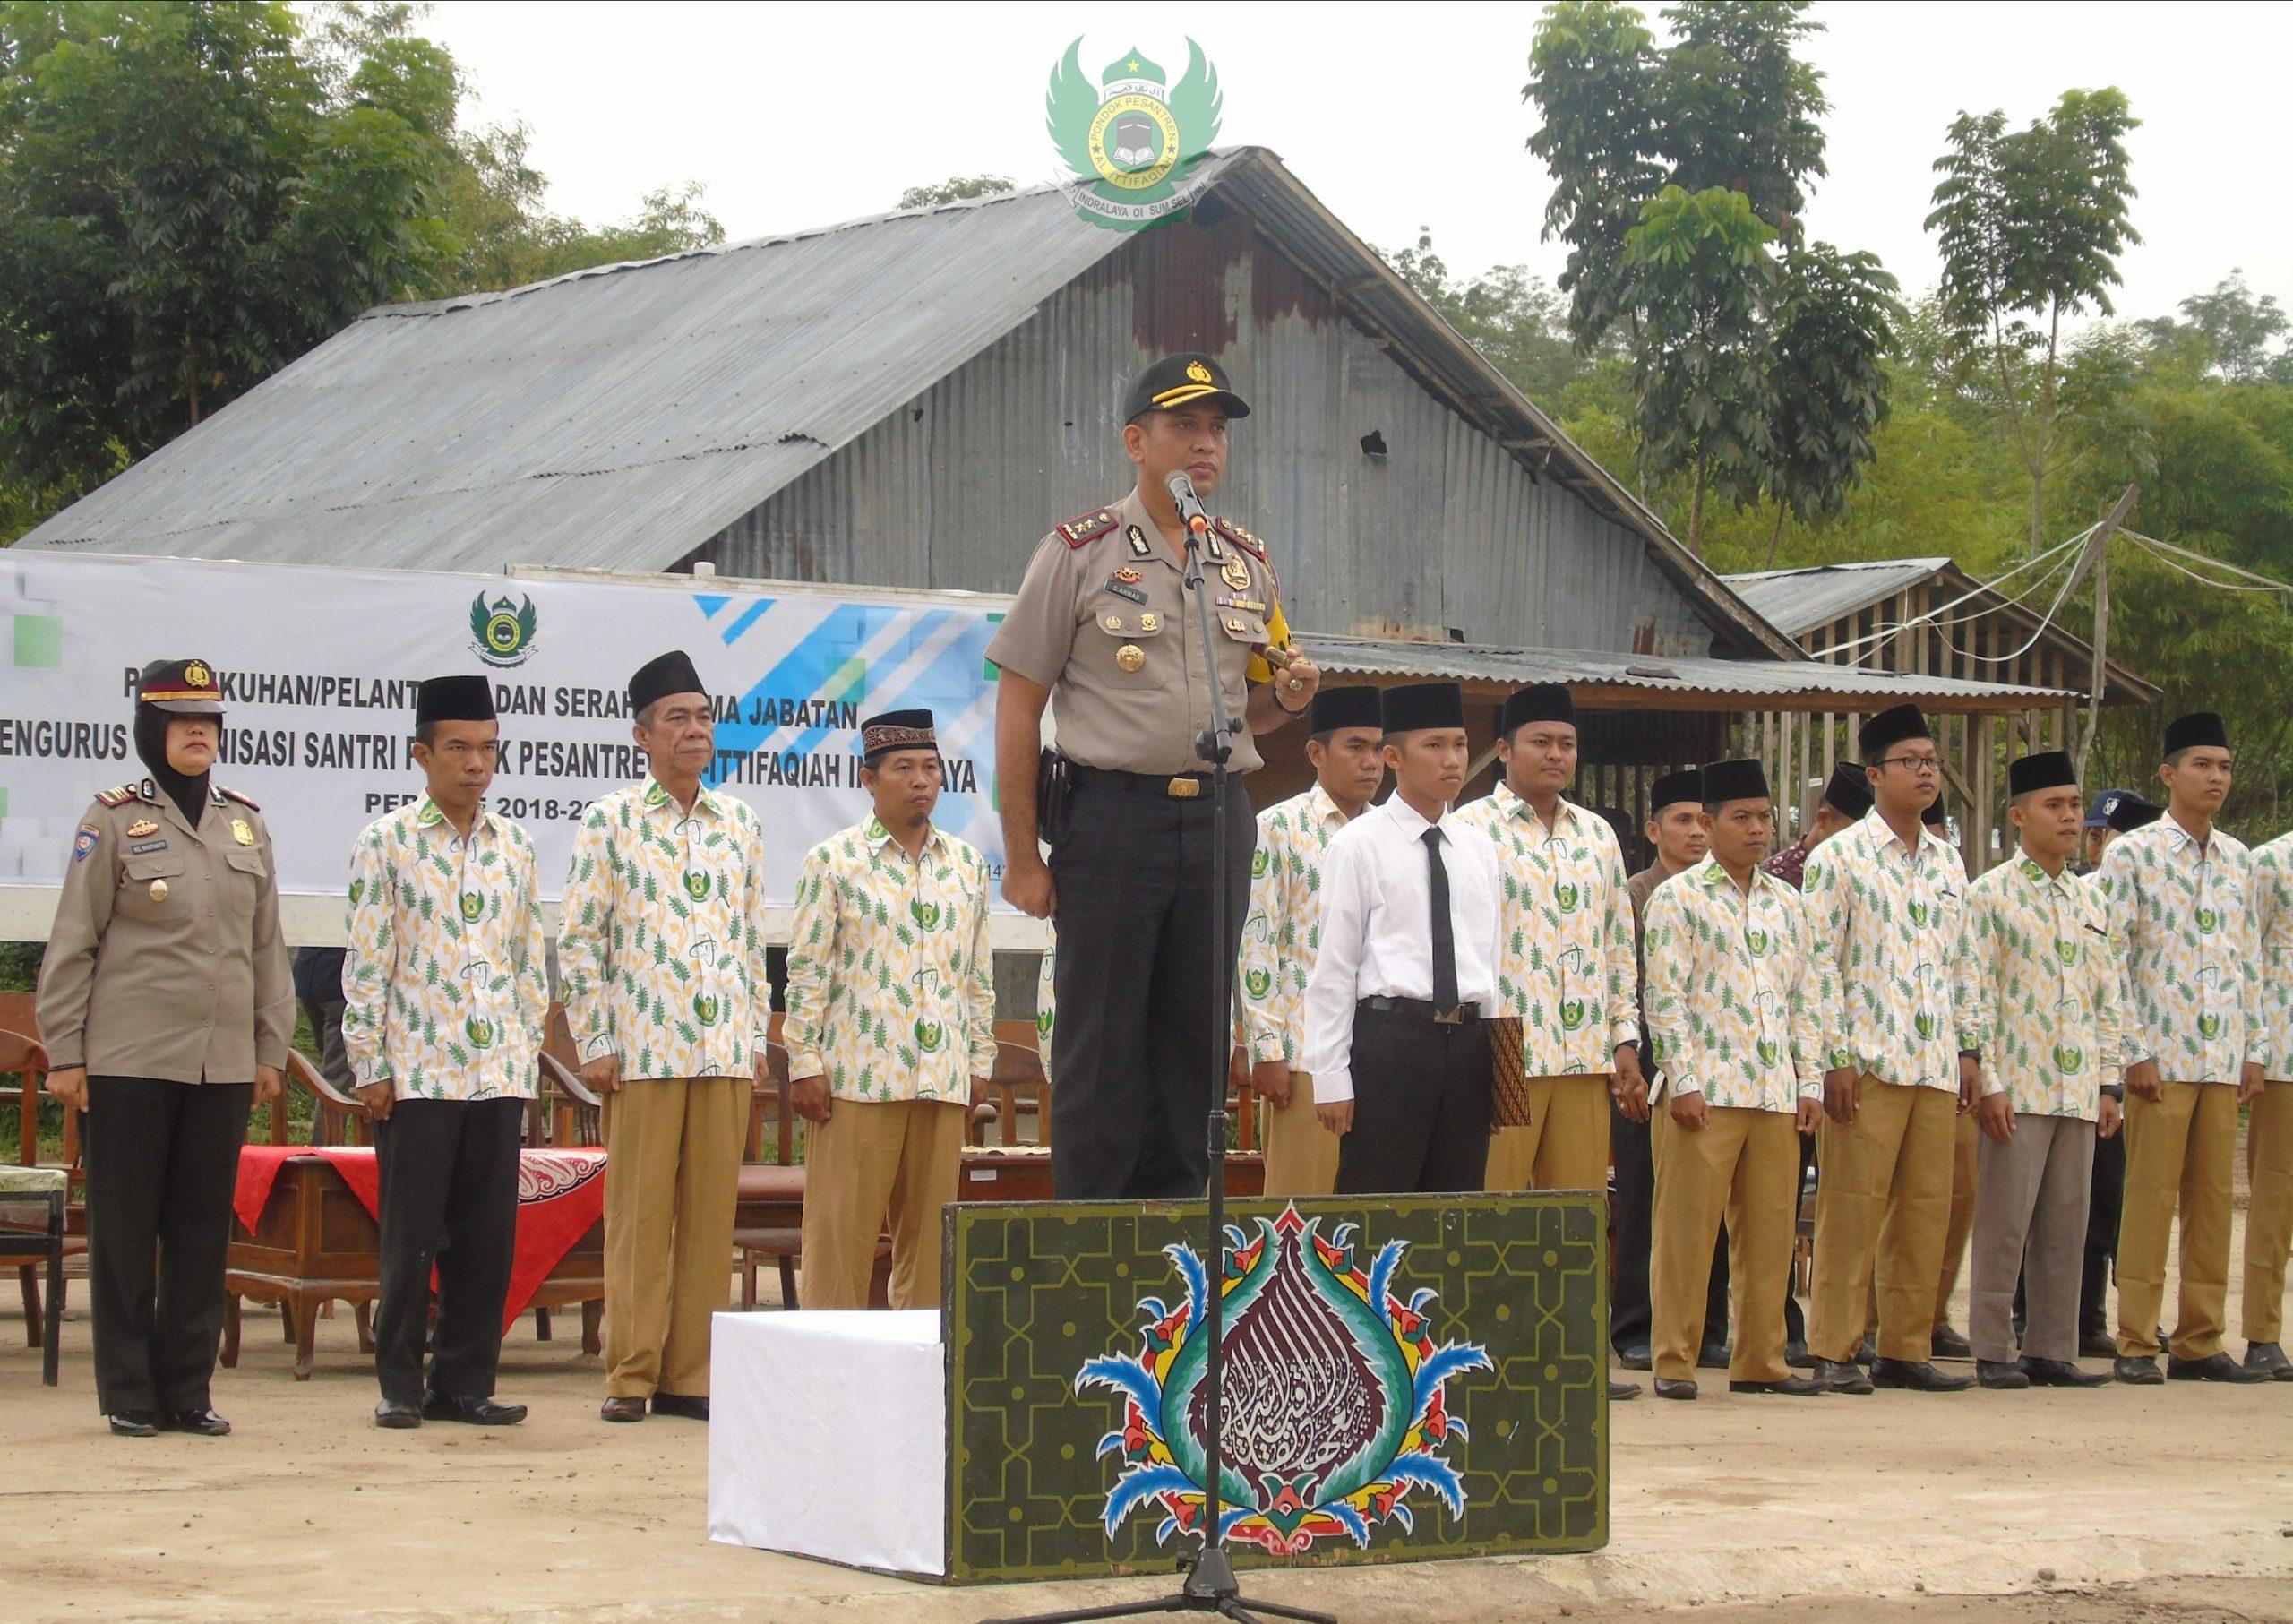 Kapolres Ogan Ilir jadi Pembina Upacara Bendera